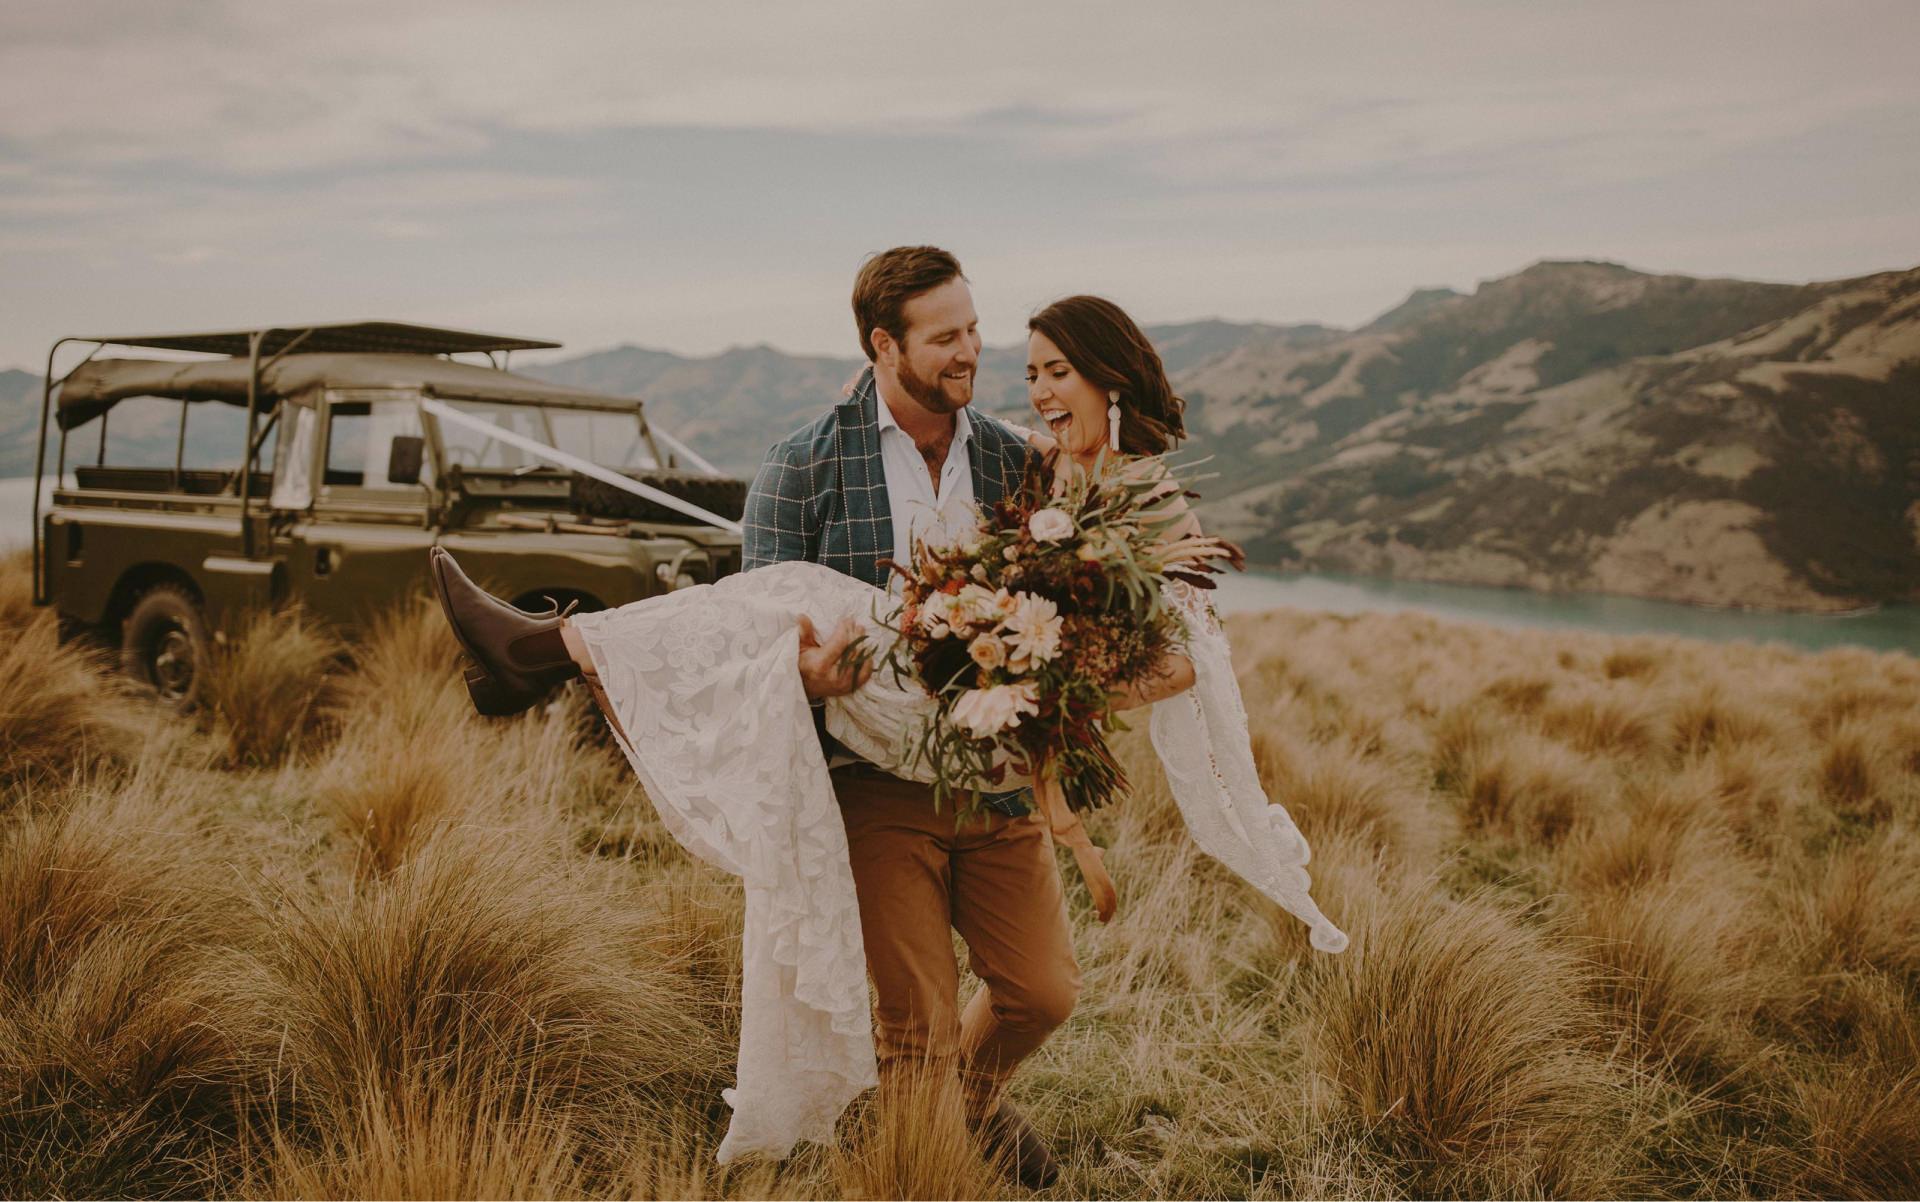 Ein Bräutigam trägt seine Braut auf Händen durch eine Wiese.